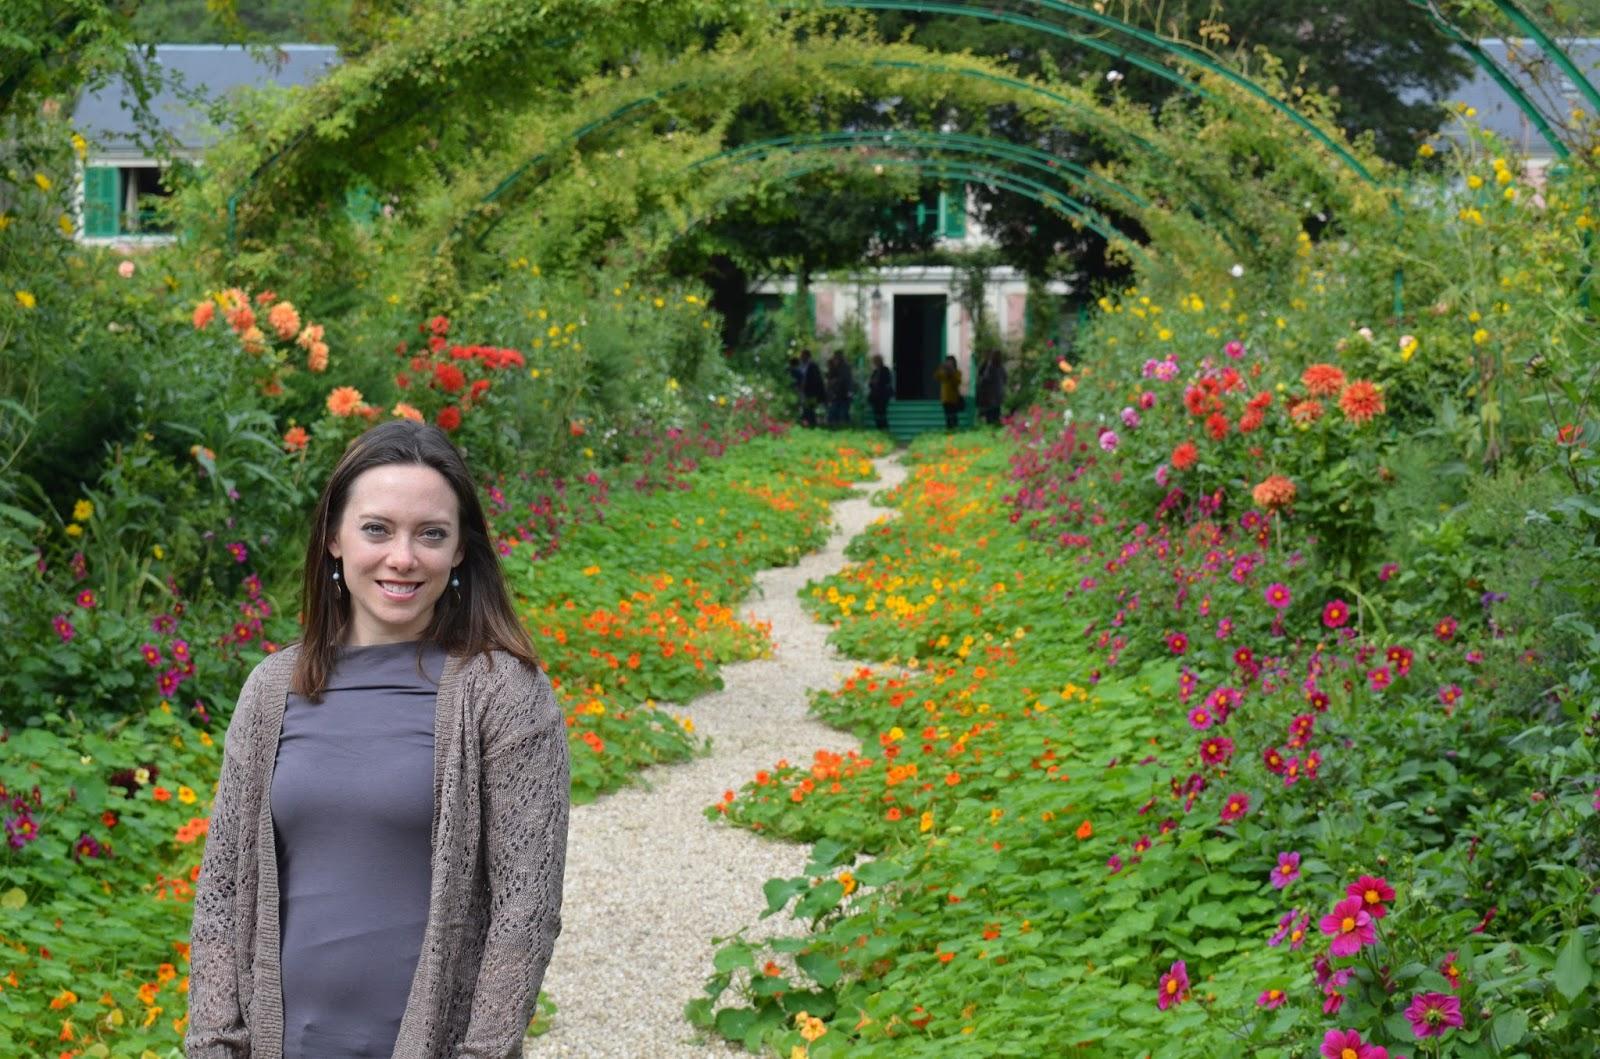 Rebecca 39 S Texas Garden Monet 39 S Giverny Garden The Clos